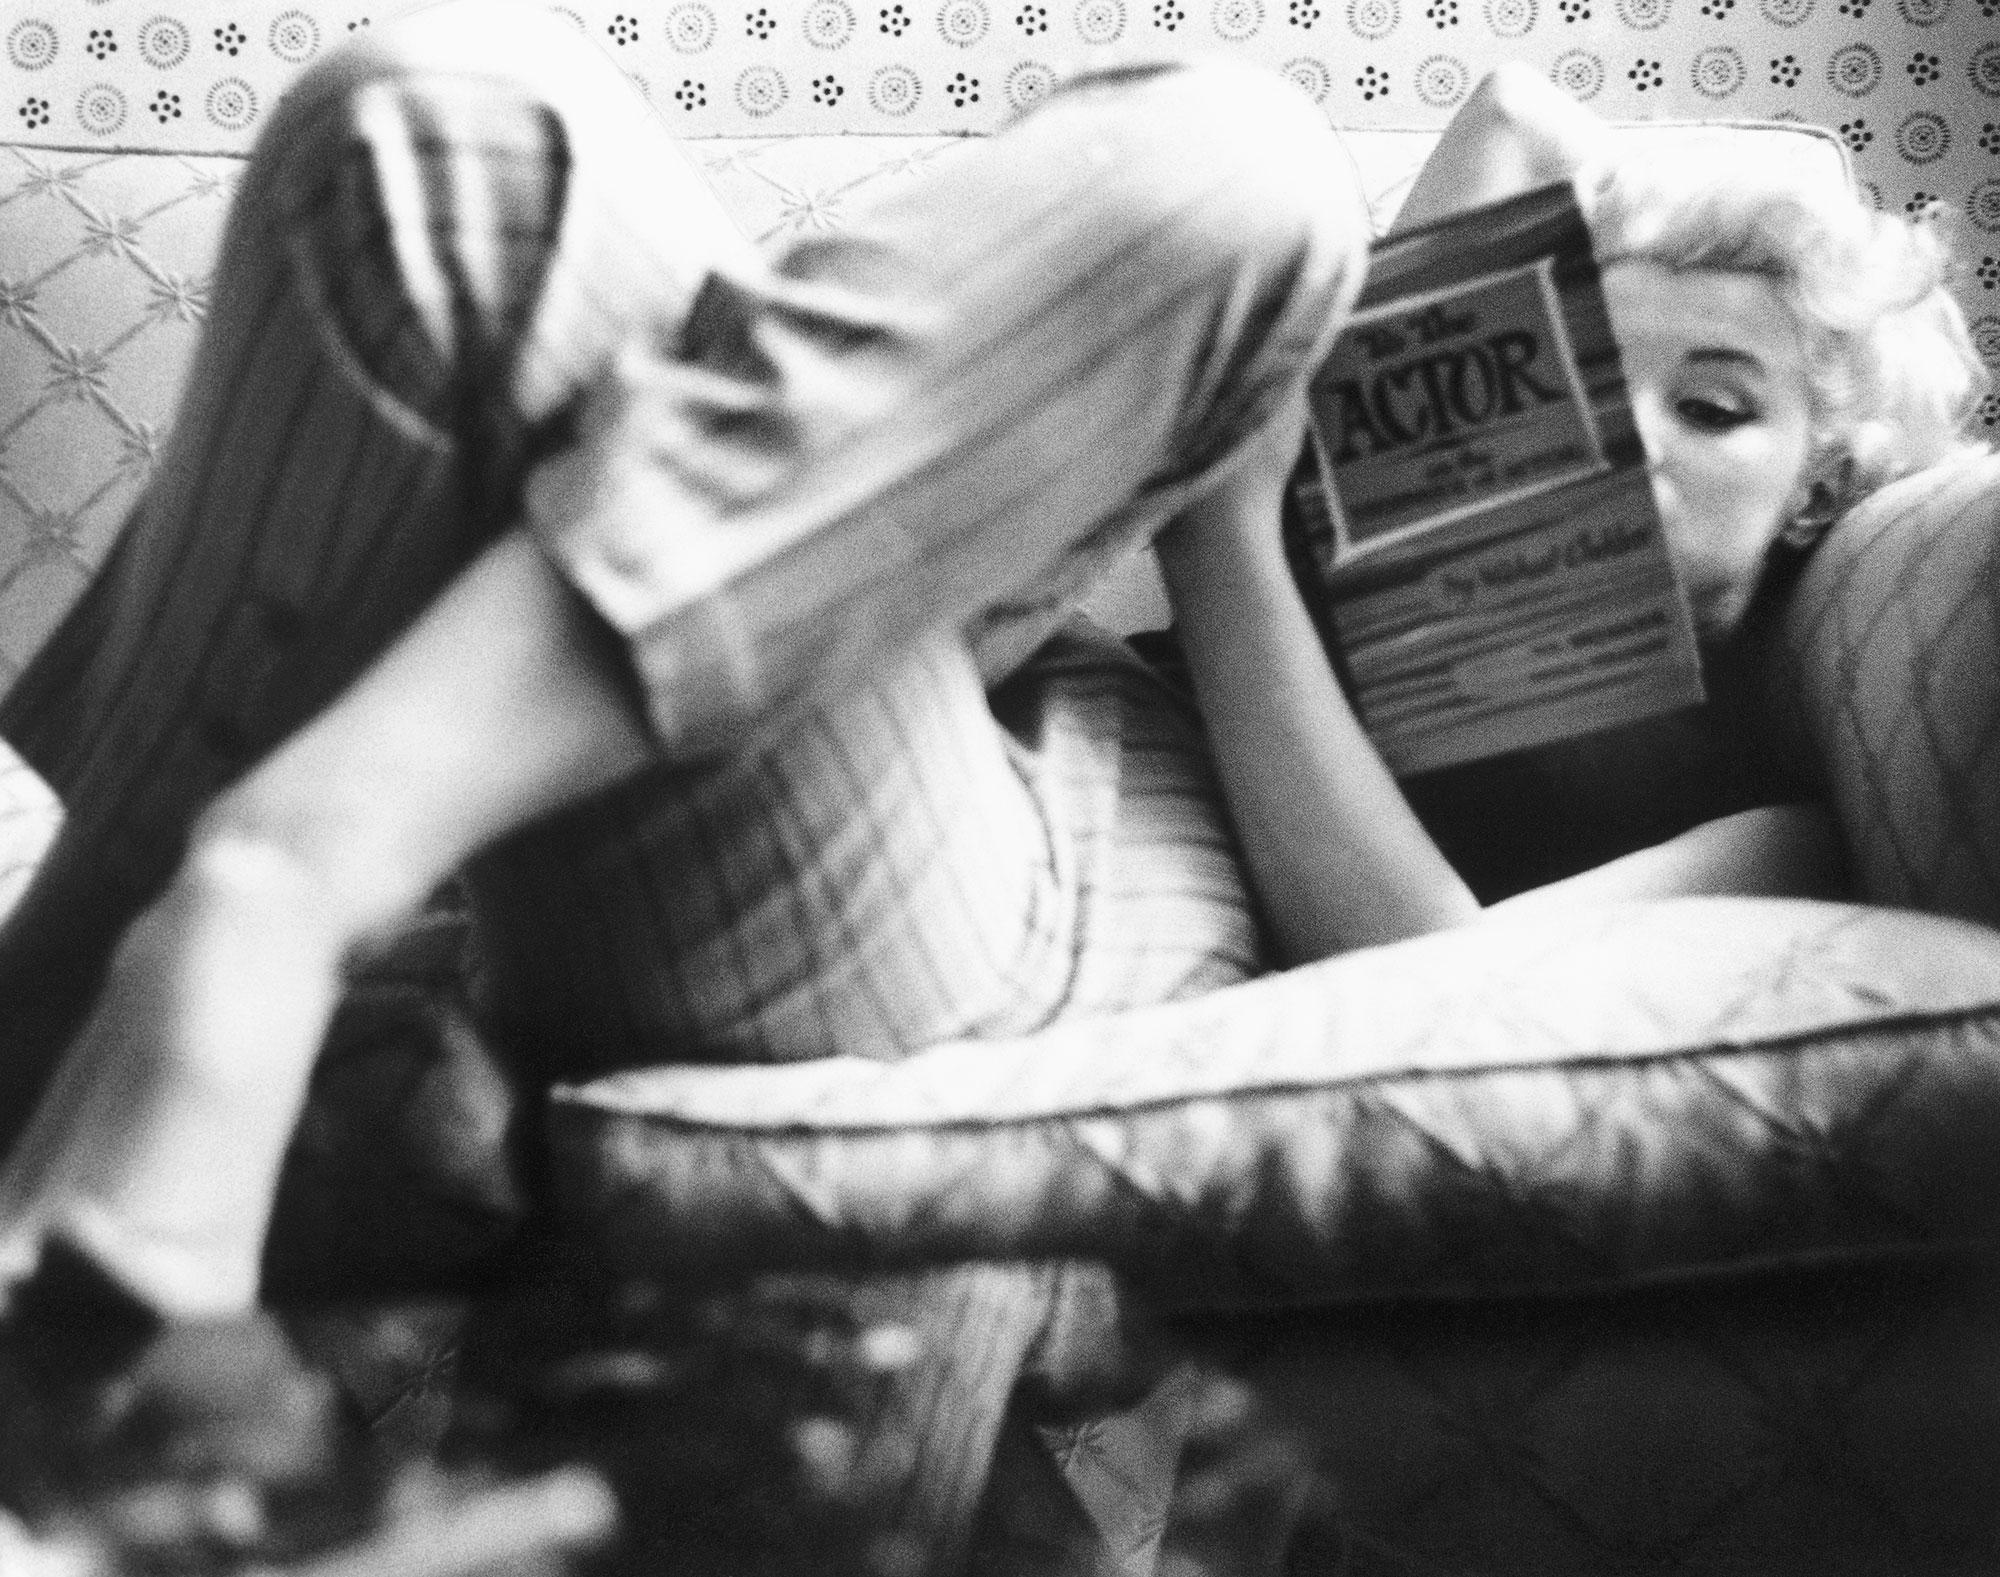 Мэрилин Монро читает книгу «Тайны актерского мастерства. Путь актера» Михаила Чехова, май 1955